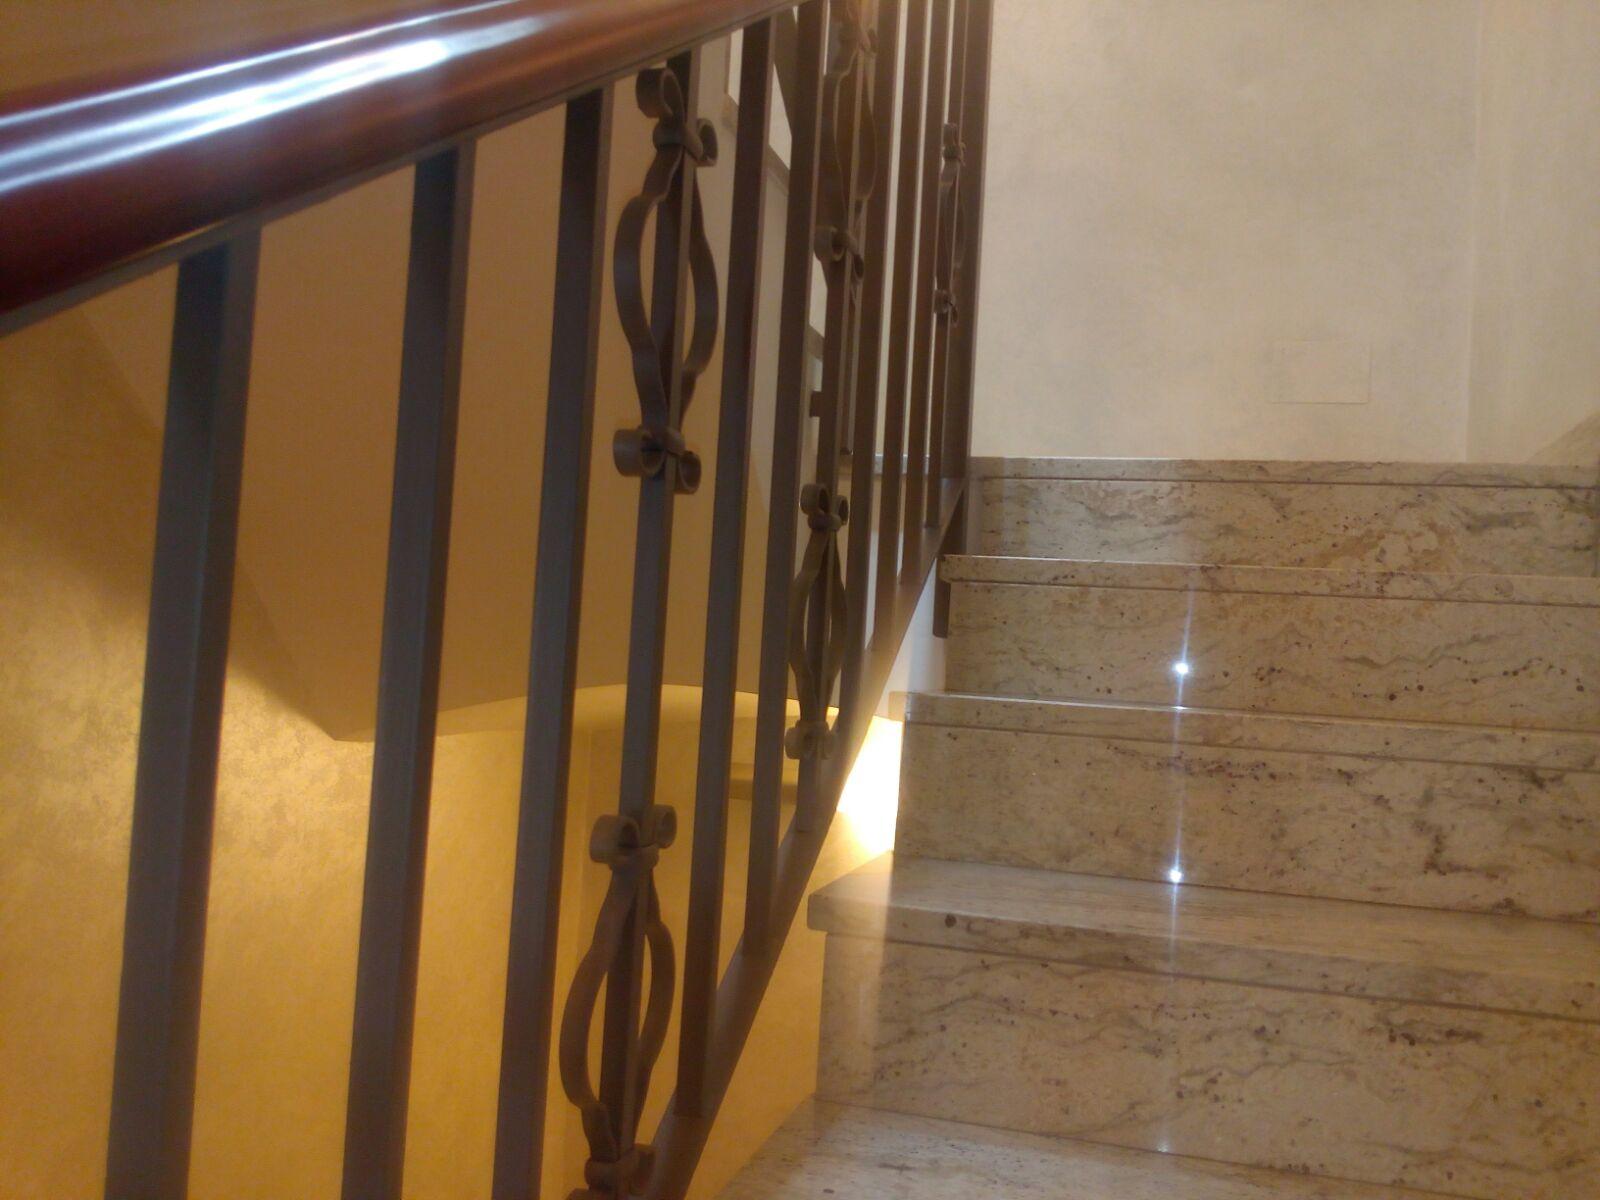 Tot en Escales! i baranes per escales a mida Subministrem i col loquem escales a mida, metàl liques per interior i exterior, amb perfils estructurals metàl lics i diferents tipus de graons: fusta,xapa, entremat metàl·lic,acer inoxidable,vidre...